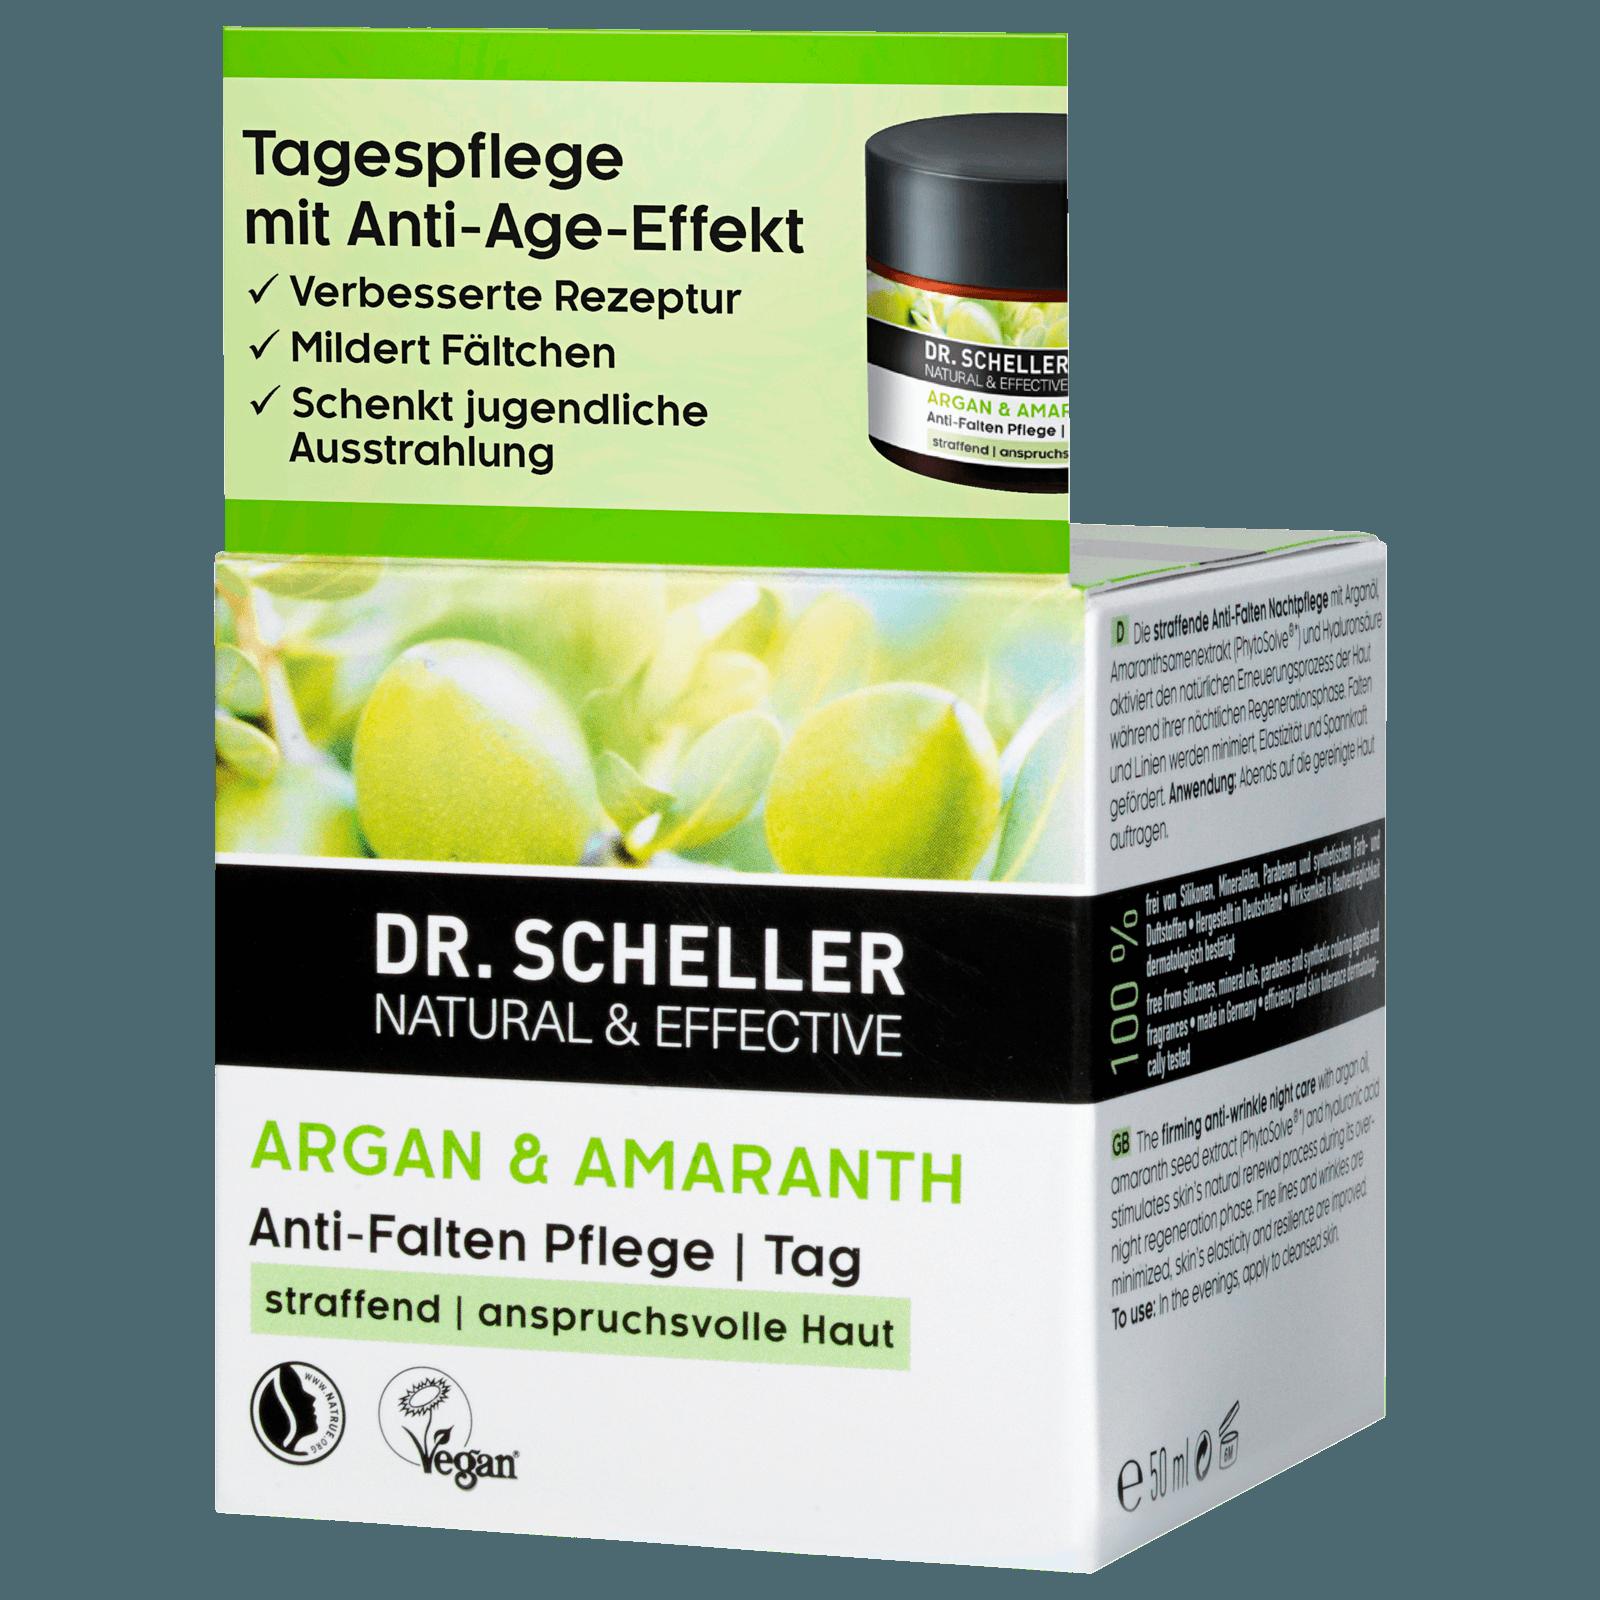 Dr. Scheller Tagescreme Arganöl 50ml